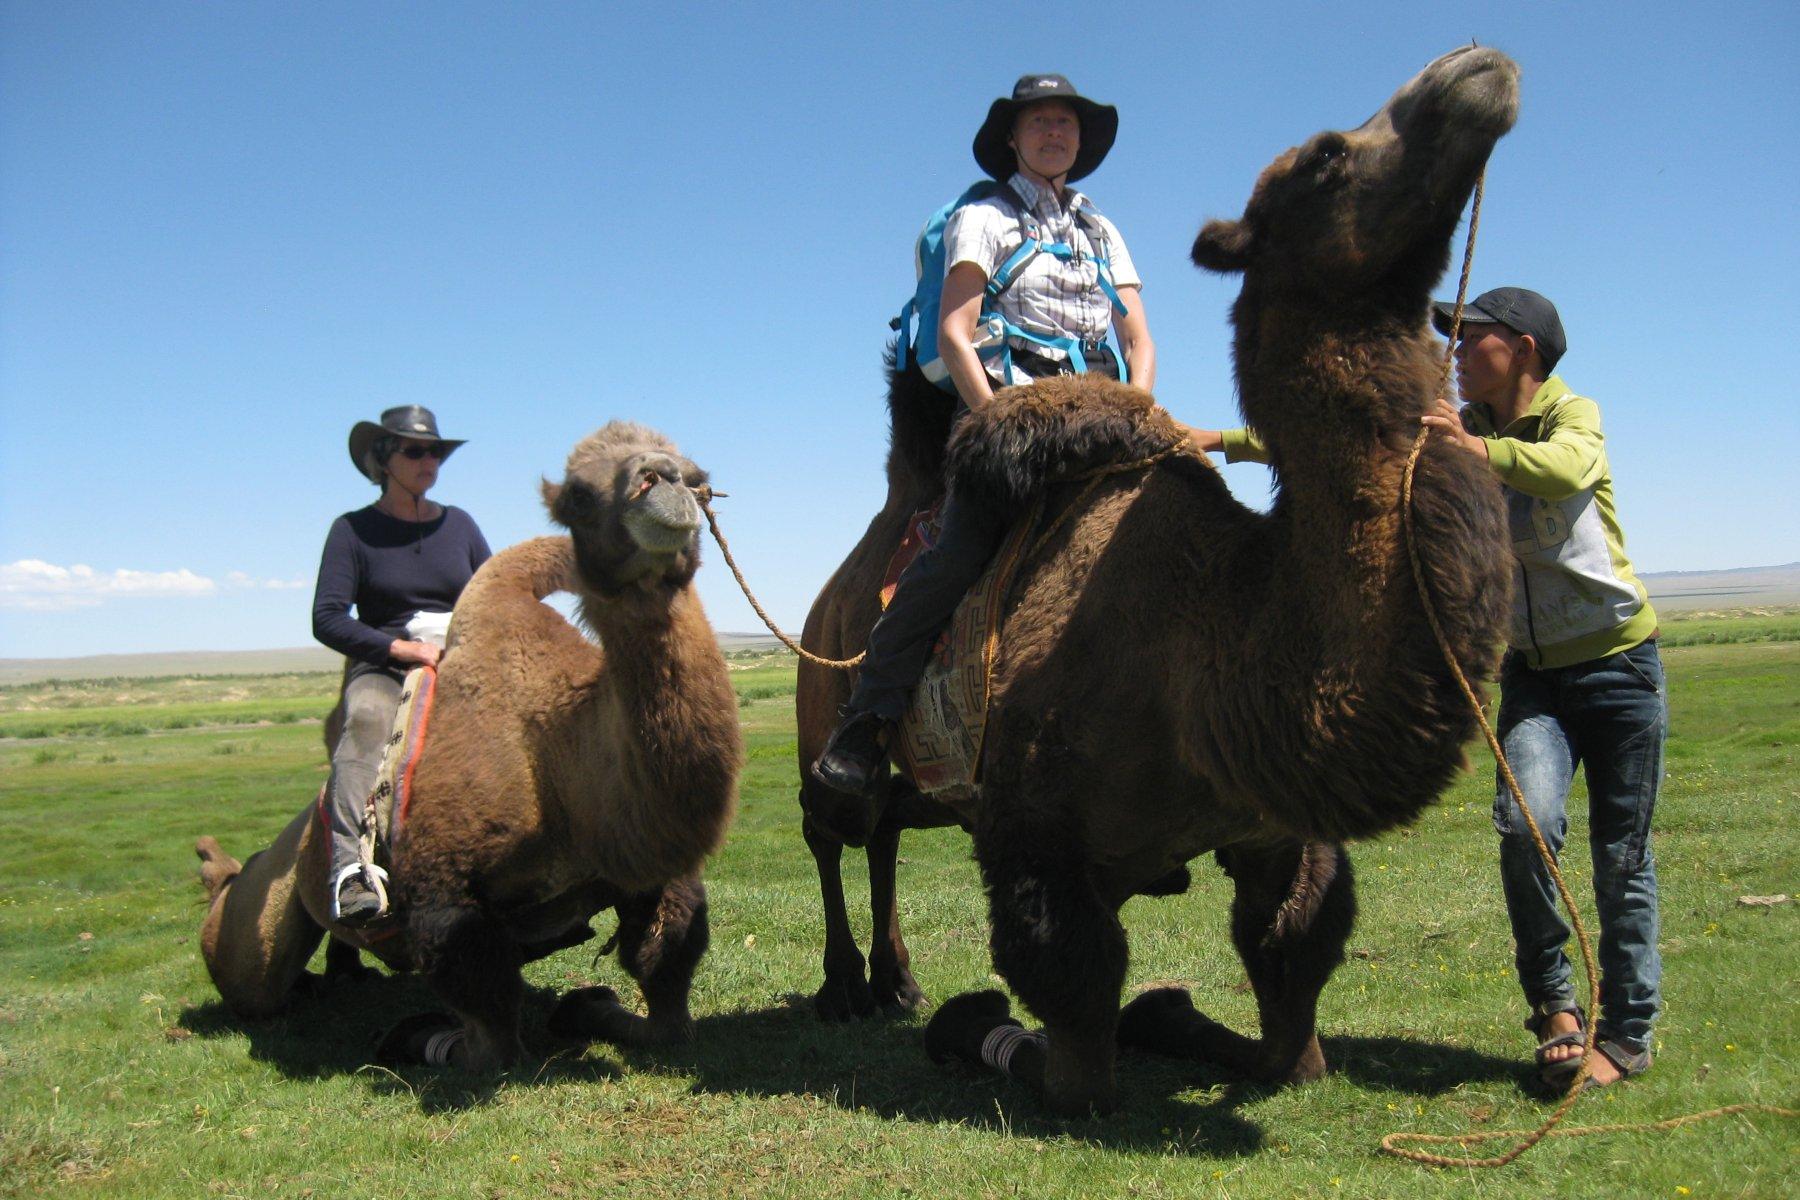 Kamele sind wichtige Nutztiere in der Mongolei, sie dienen zur Überbrückung von Entfernungen und zum Transport von Lasten in der Steppe und der Gobi.